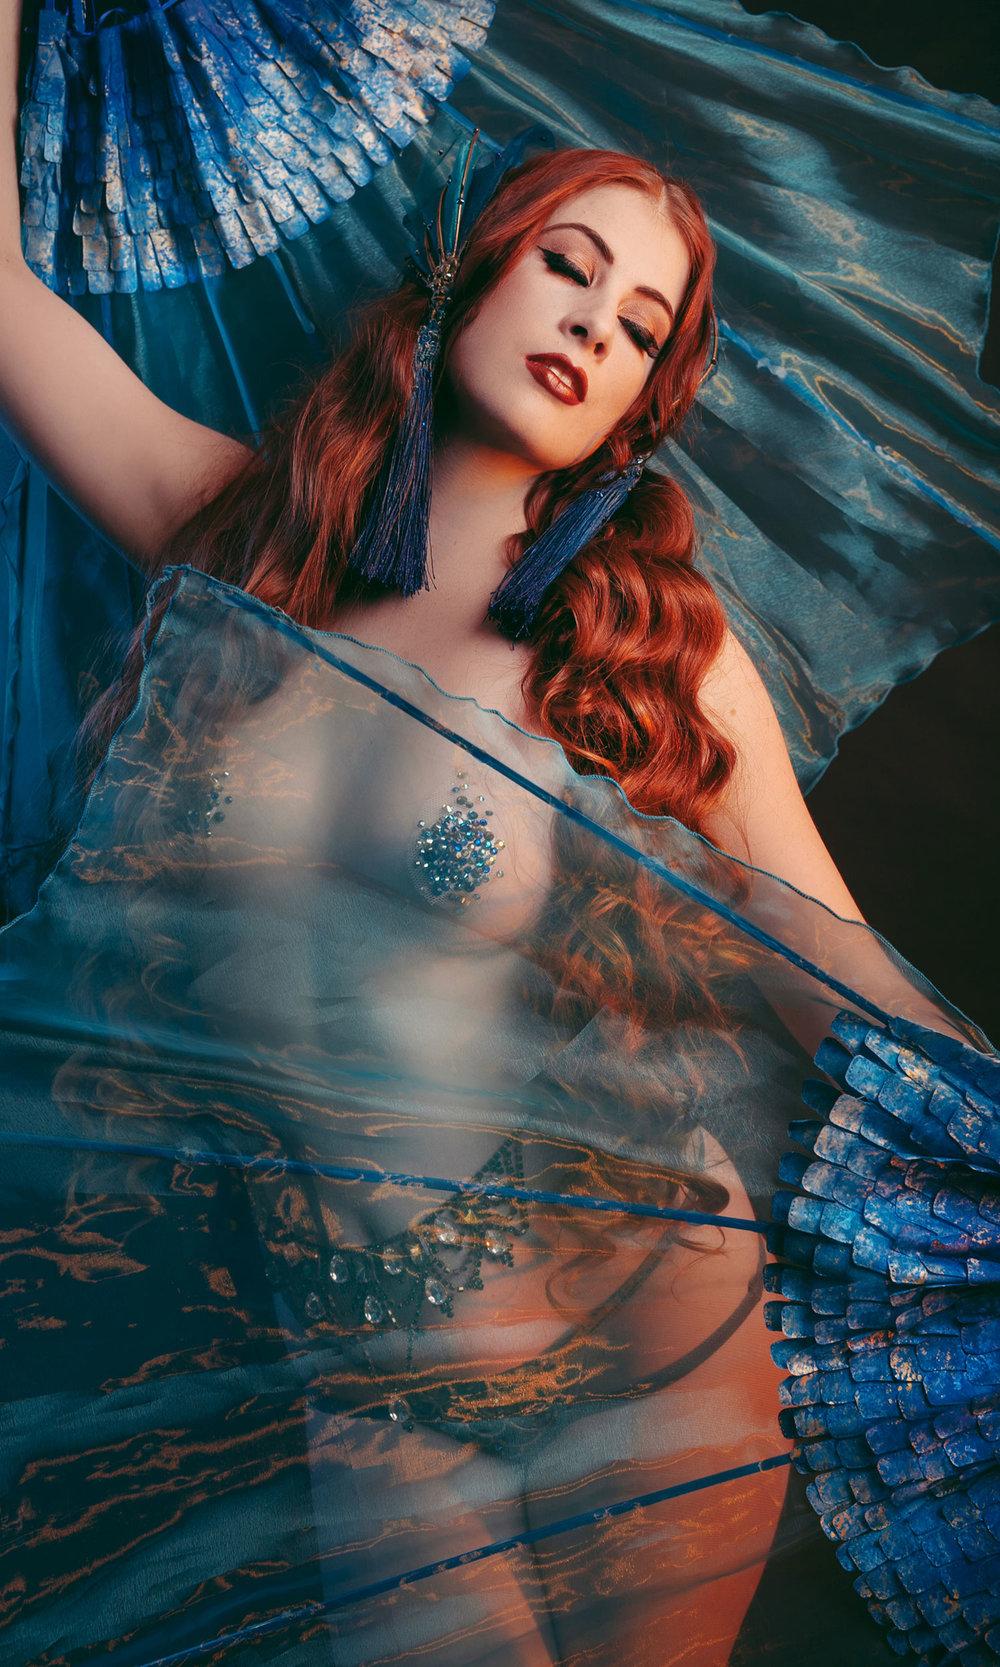 Mermaid_1.jpg